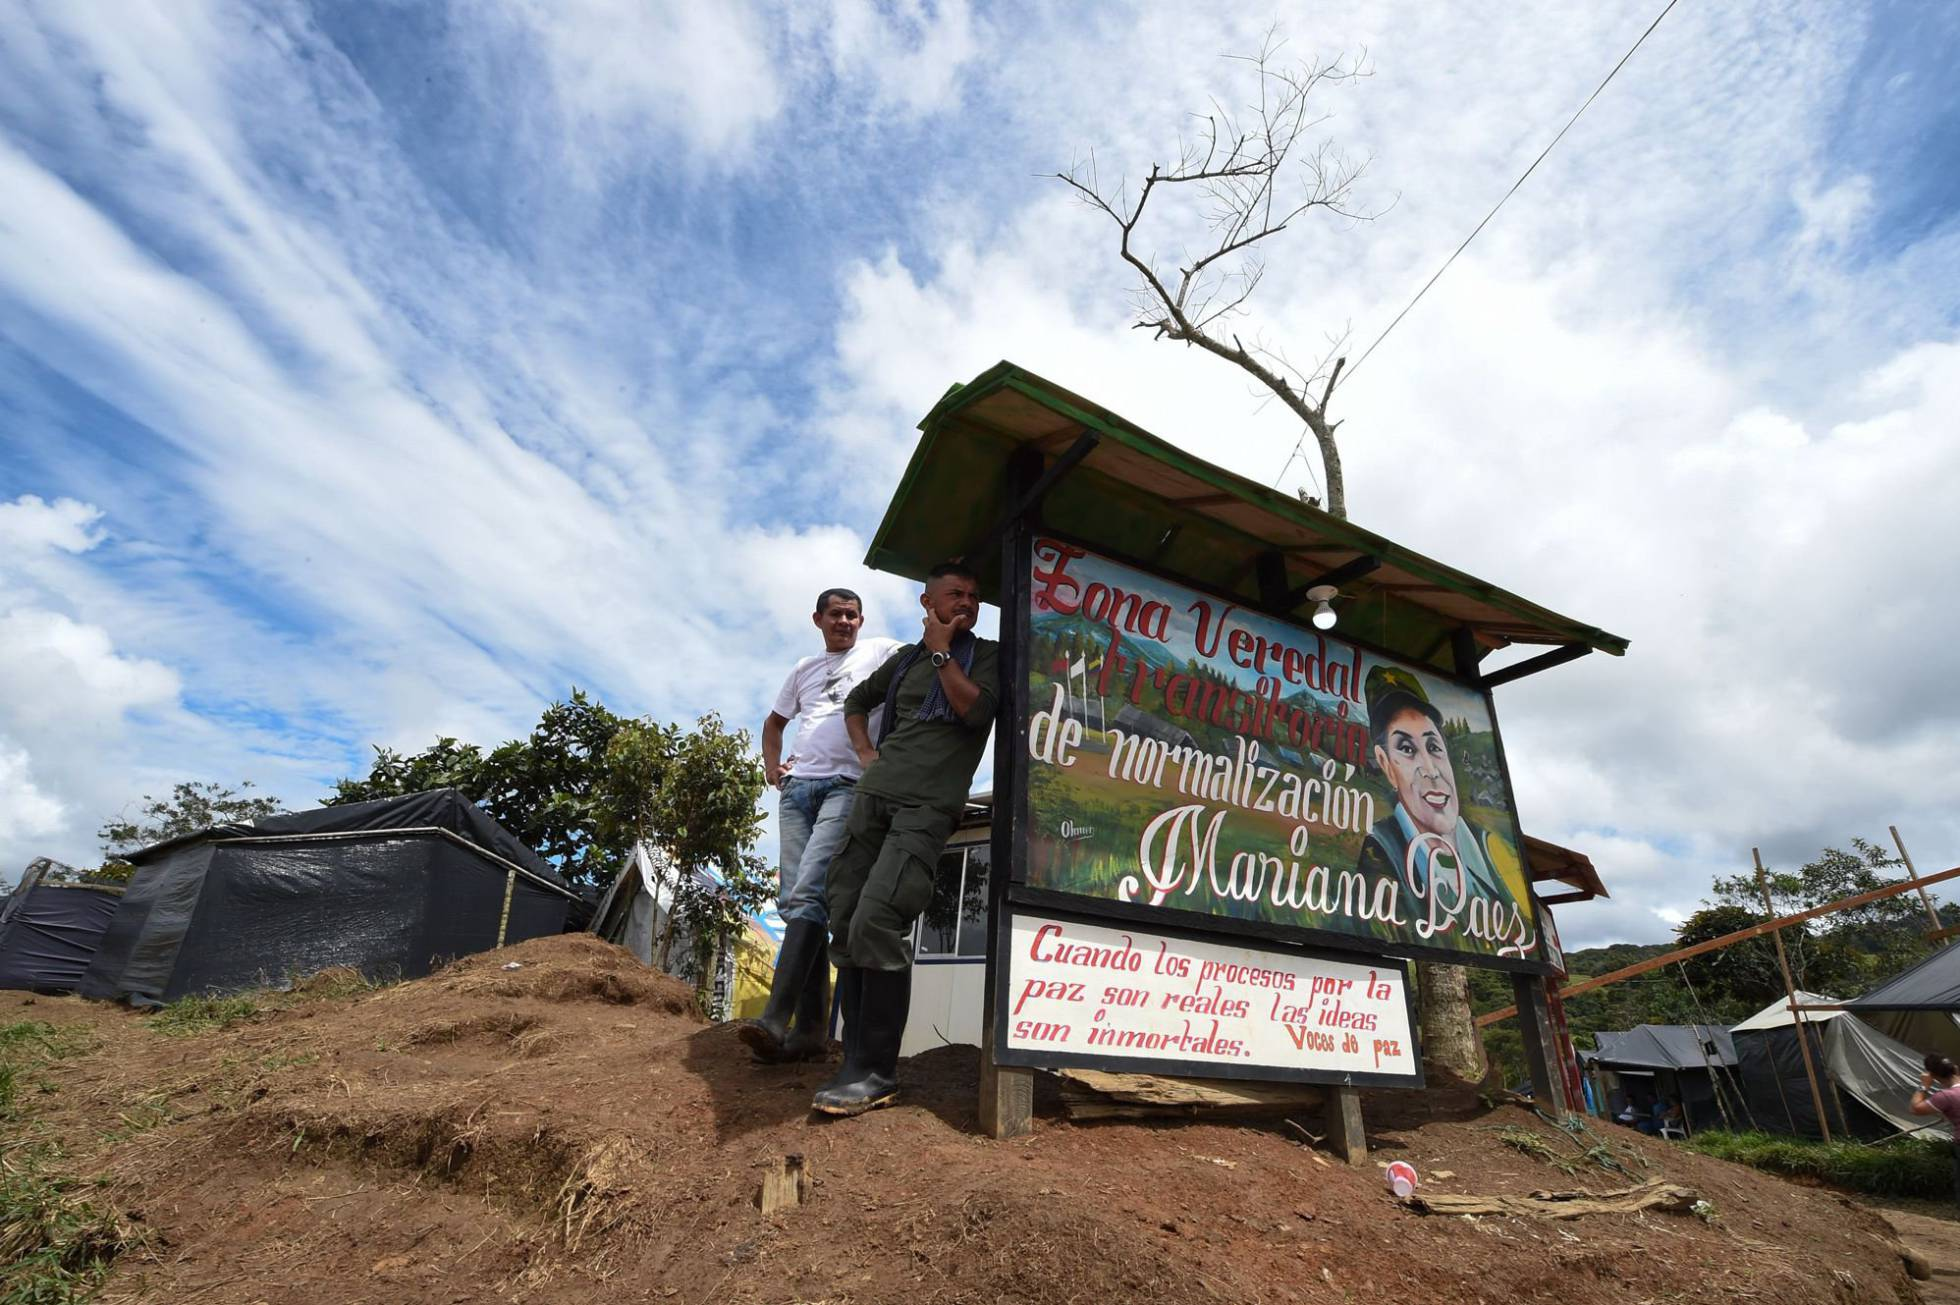 guerra - Colombia y las FARC ponen fin a la guerra. - Página 4 1498515506_773703_1498515911_noticia_normal_recorte1